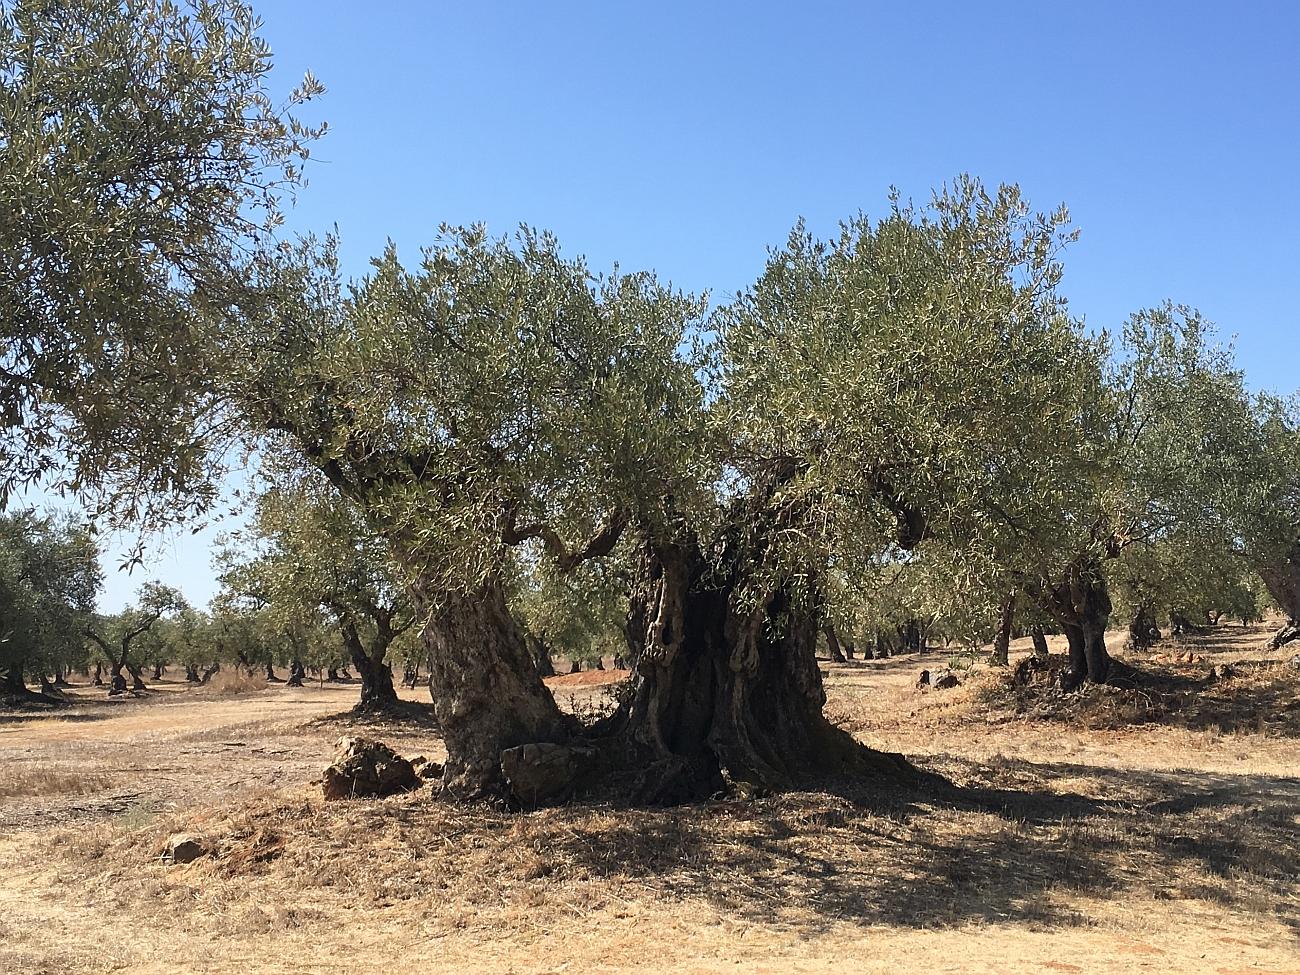 Olivenanbau in Portugal, der auch hier seit undenklichen Zeiten die Landschaft prägt. Quelle: Jörn Gutowski, TRY FOODS